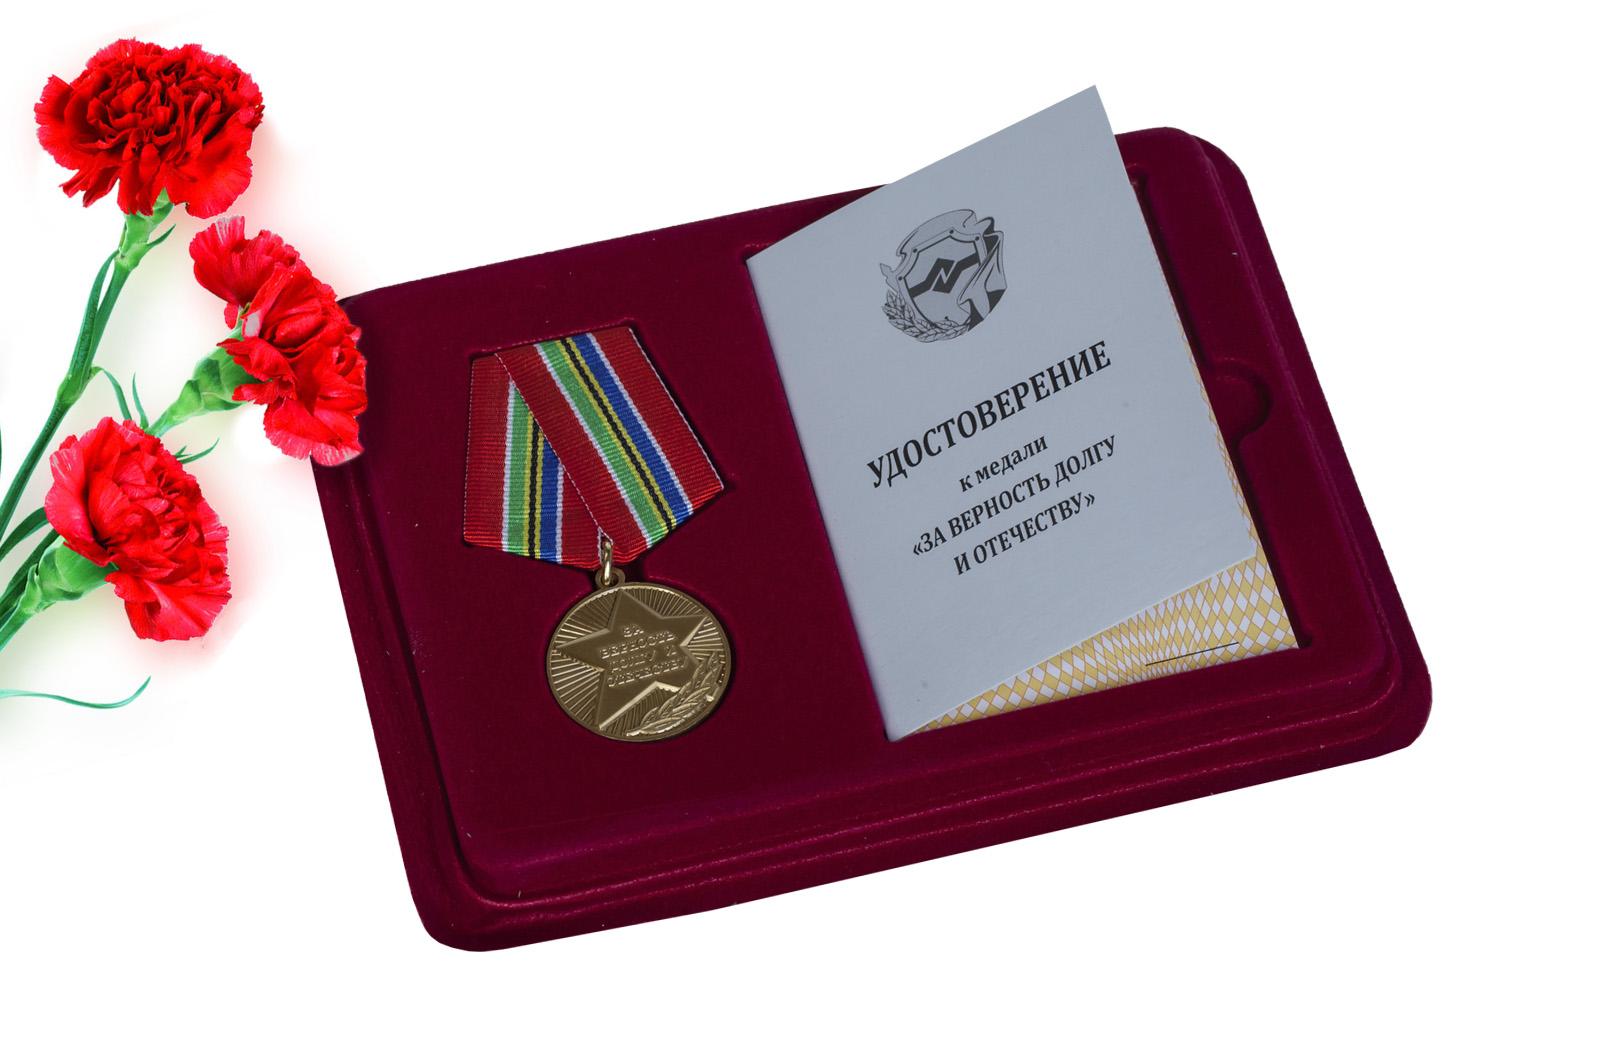 Купить медаль За верность долгу и Отечеству онлайн с доставкой